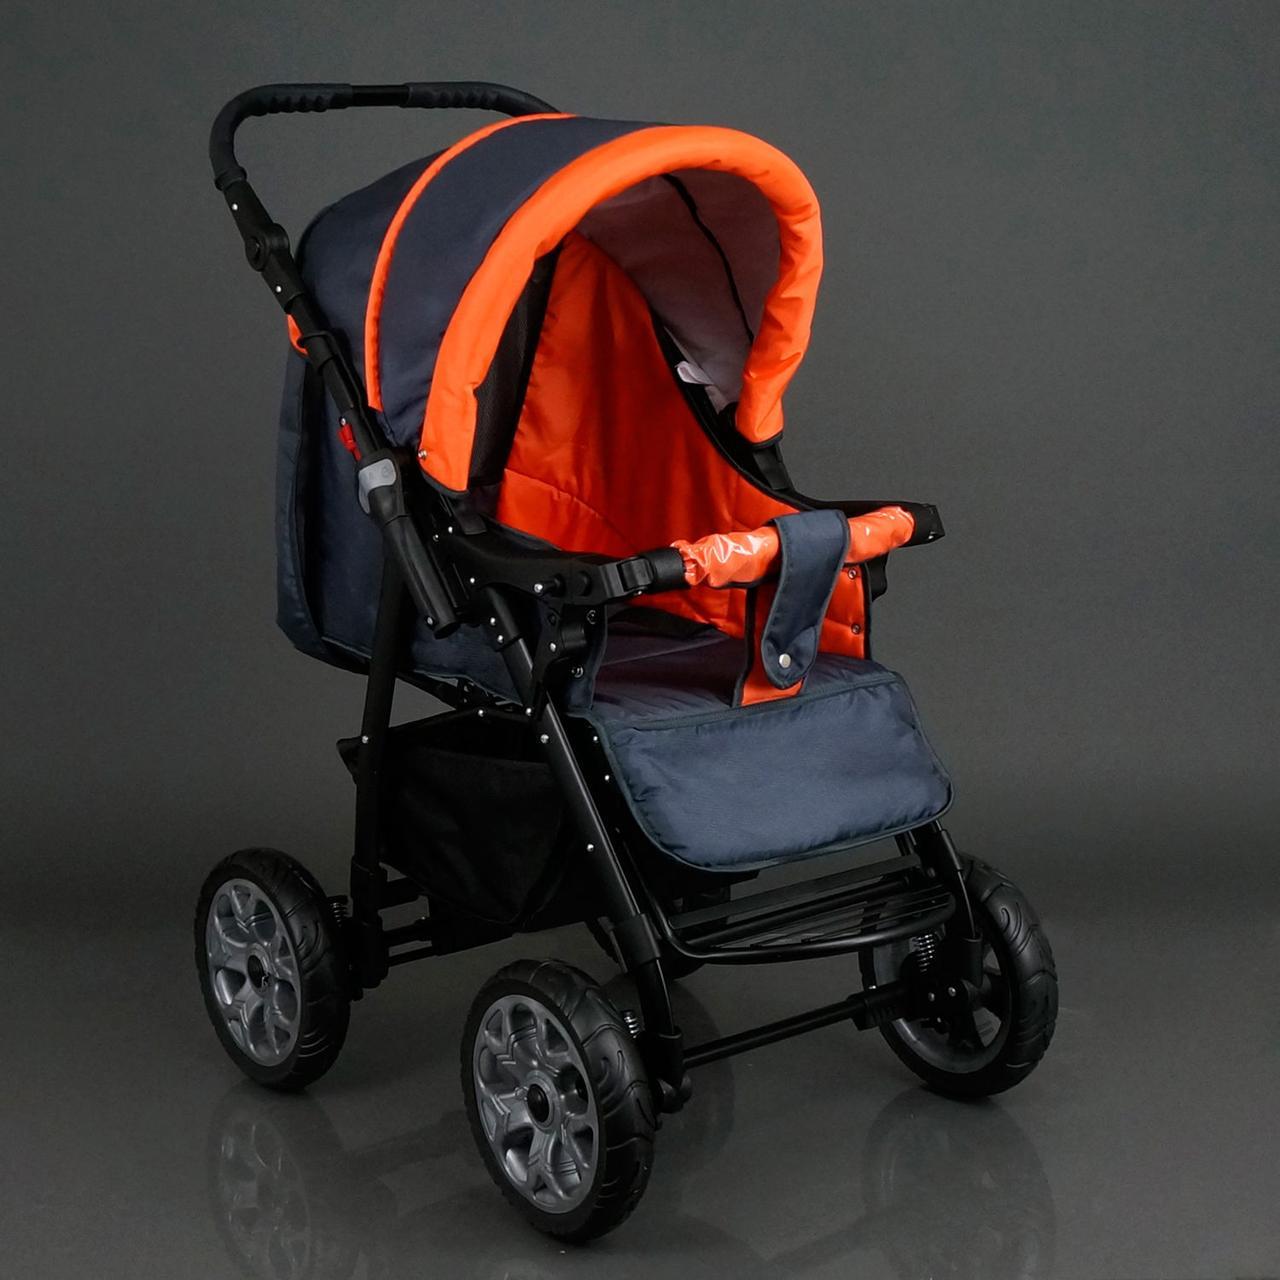 Коляска для детей Viki / 86- C 16 темно-серый с оранжевым 17109